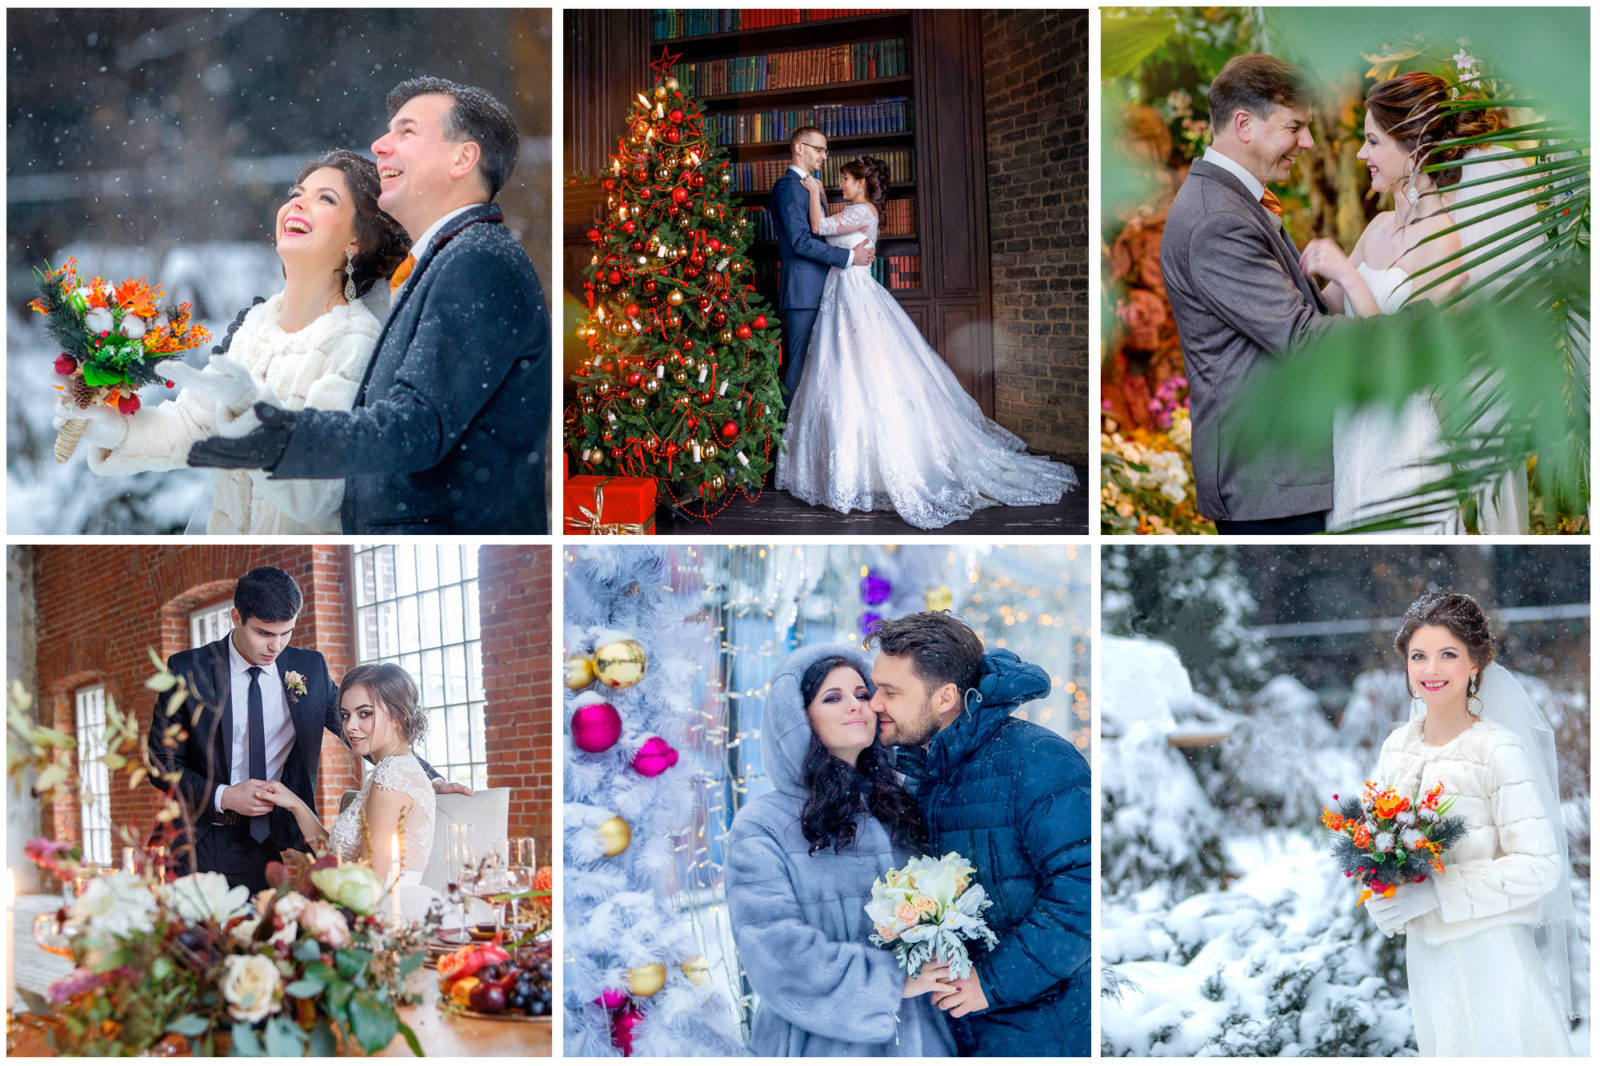 Свадебная фотосъемка и свадьба зимой